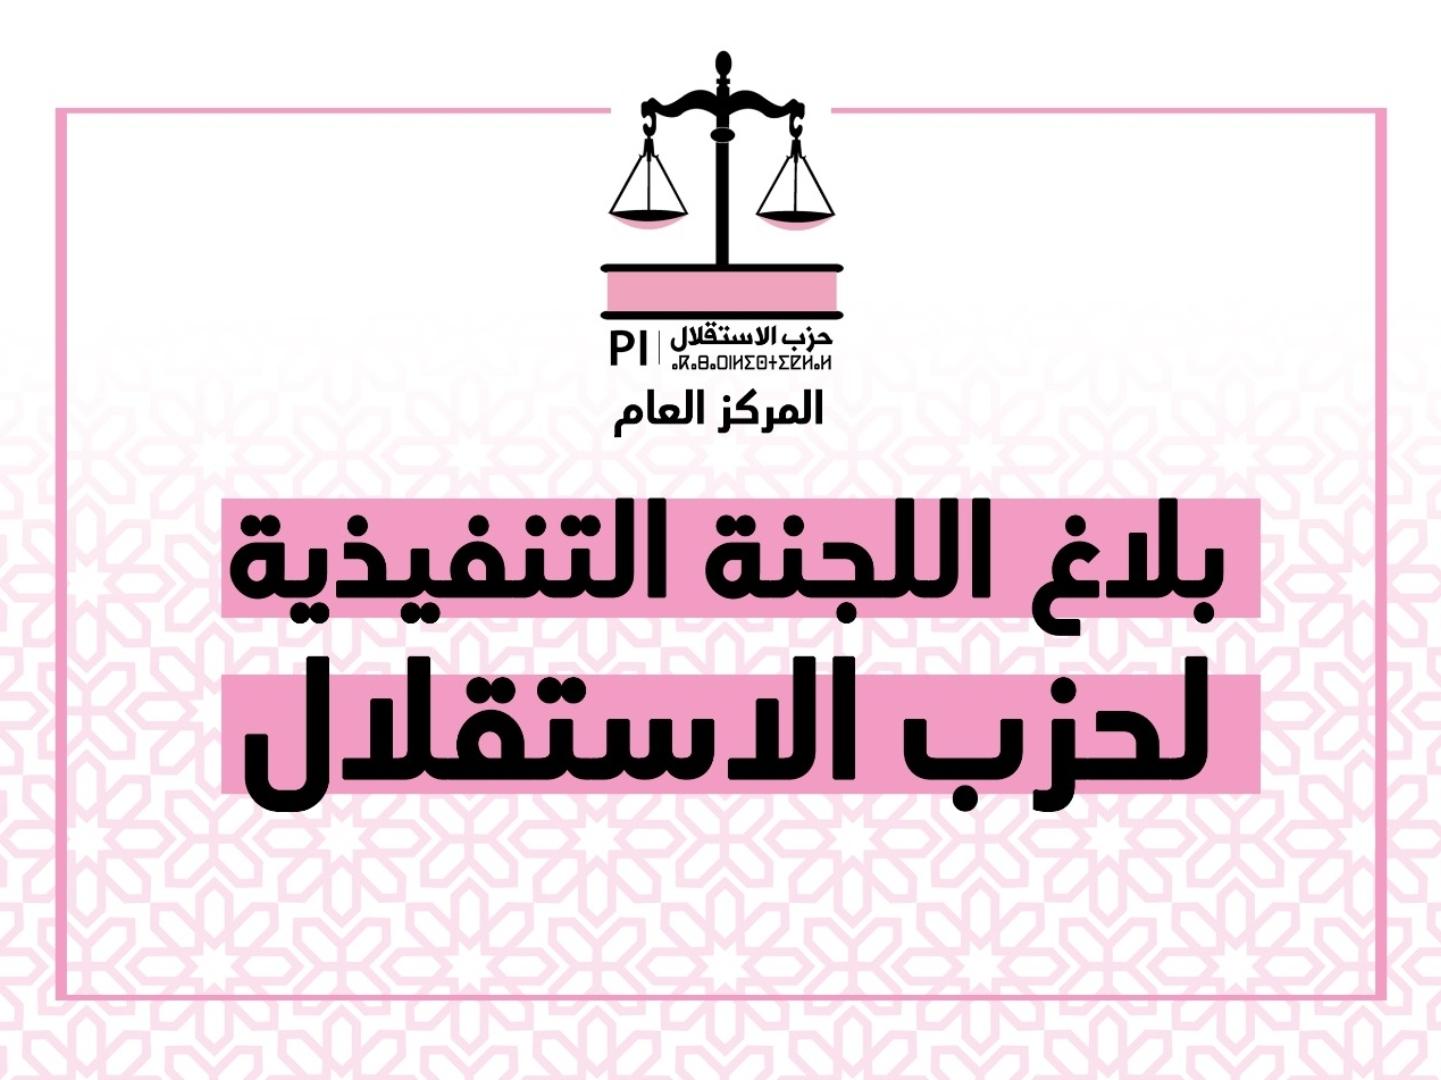 بلاغ اللجنة التنفيذية لحزب الاستقلال